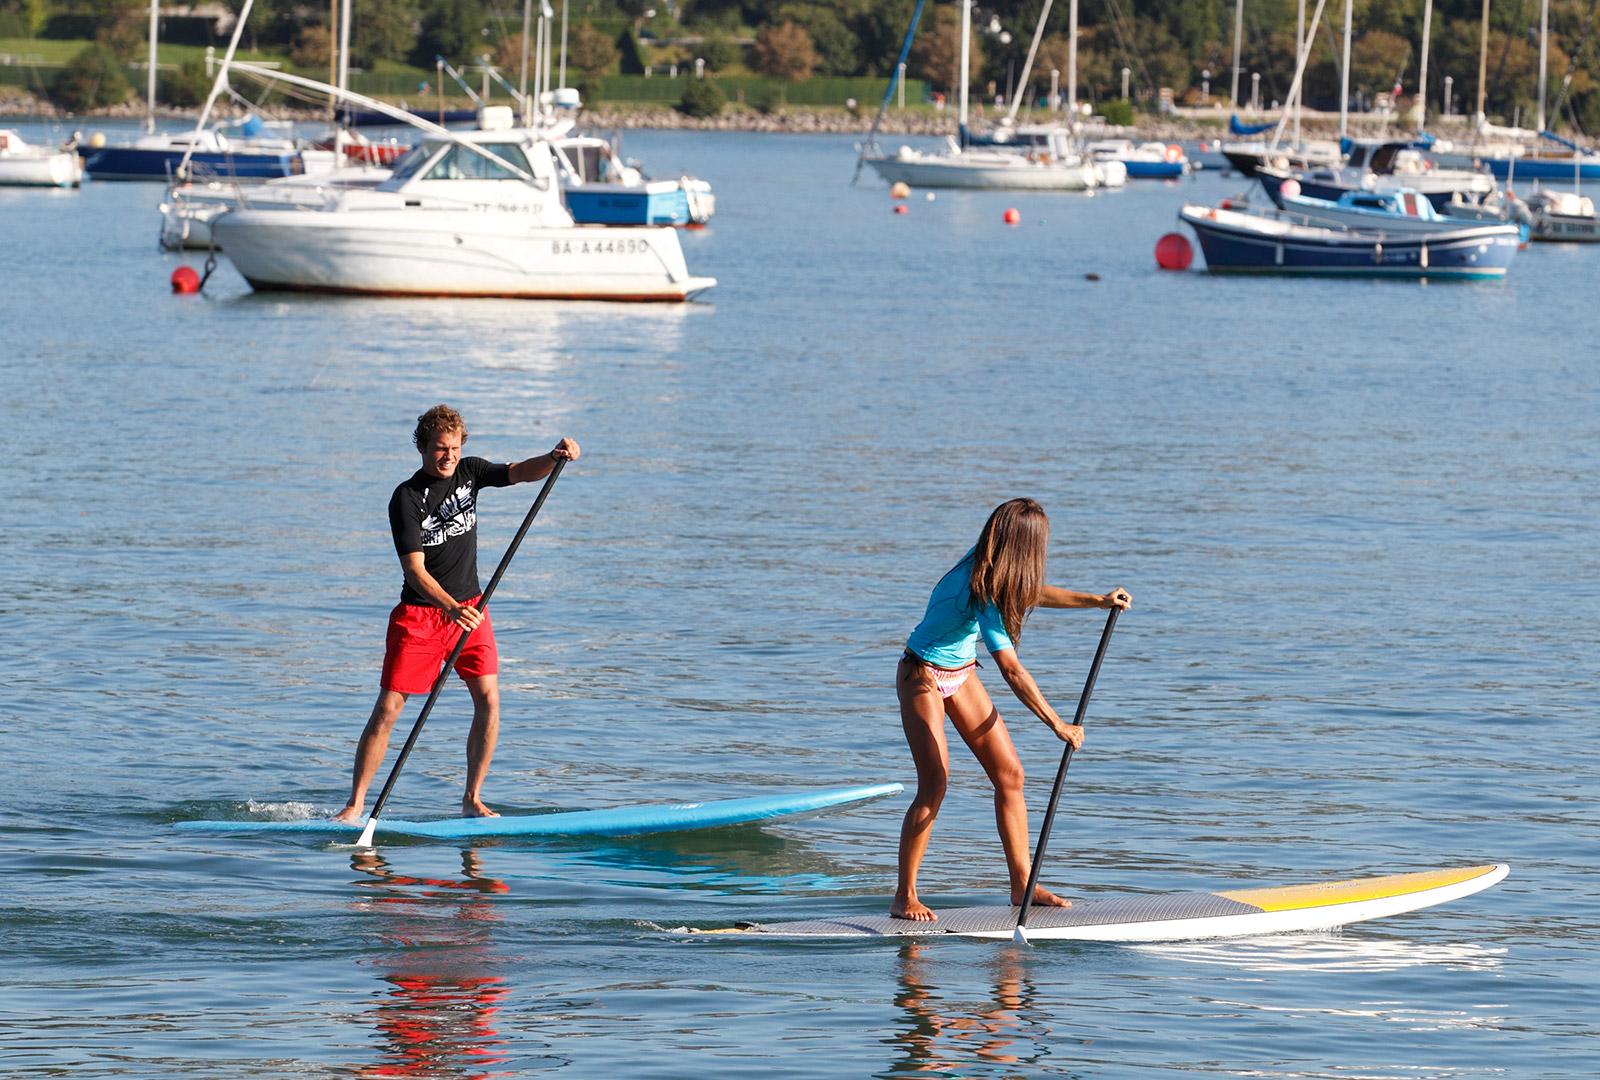 Prêt de stand up paddle - Quai de la Floride